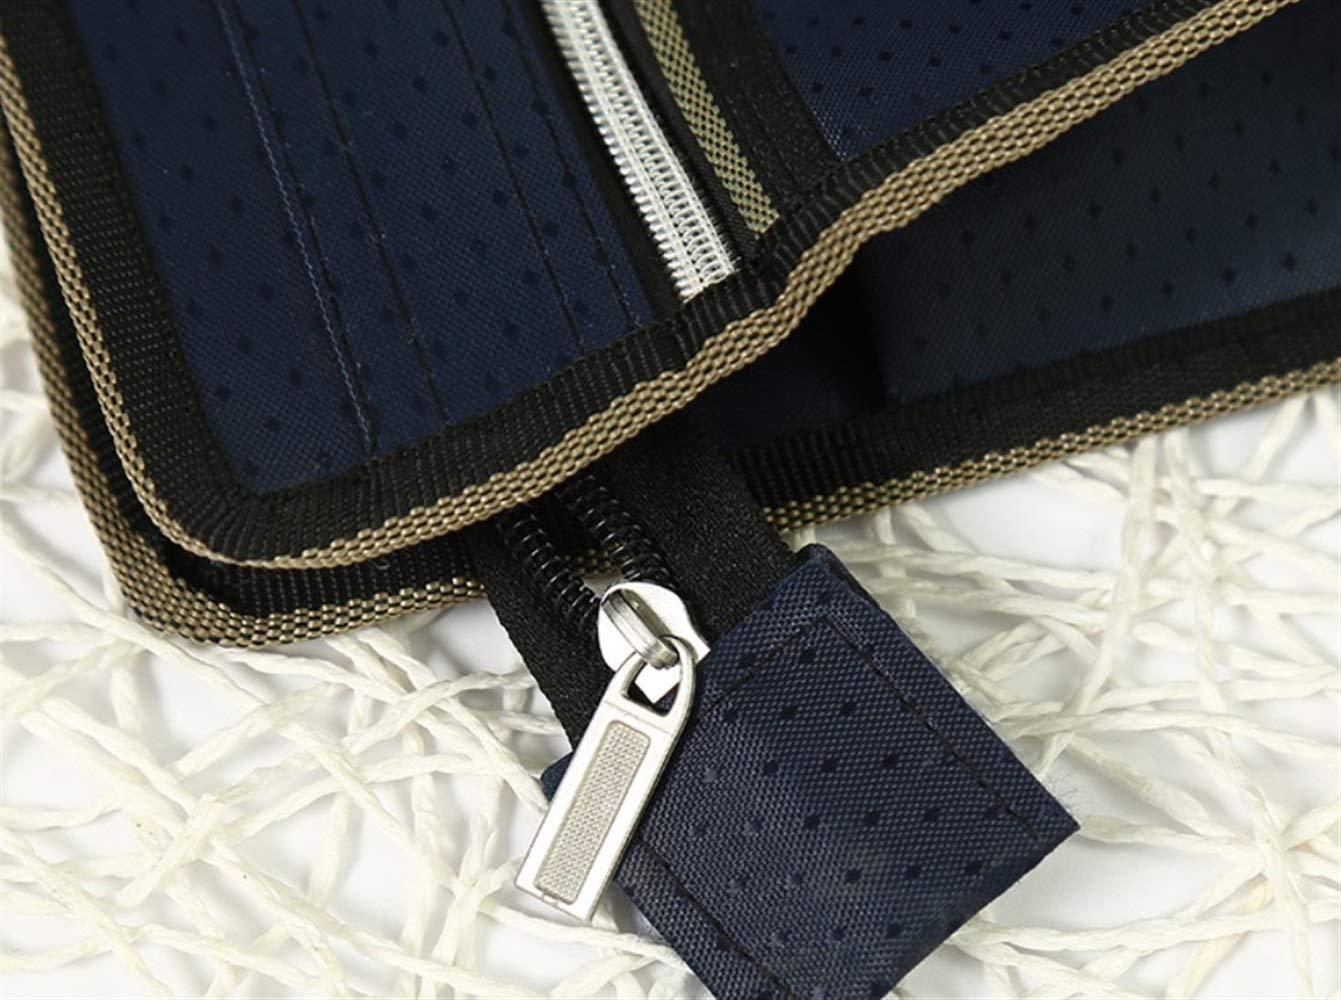 Useful 10 Stücke Einfachen Stil Single-Layerot Single-Layerot Single-Layerot A4 Zip Tasche Dokument Brieftaschen (Deep Blau) Ari_Mao B07LFSTNXR | Spielzeug mit kindlichen Herzen herstellen  377743